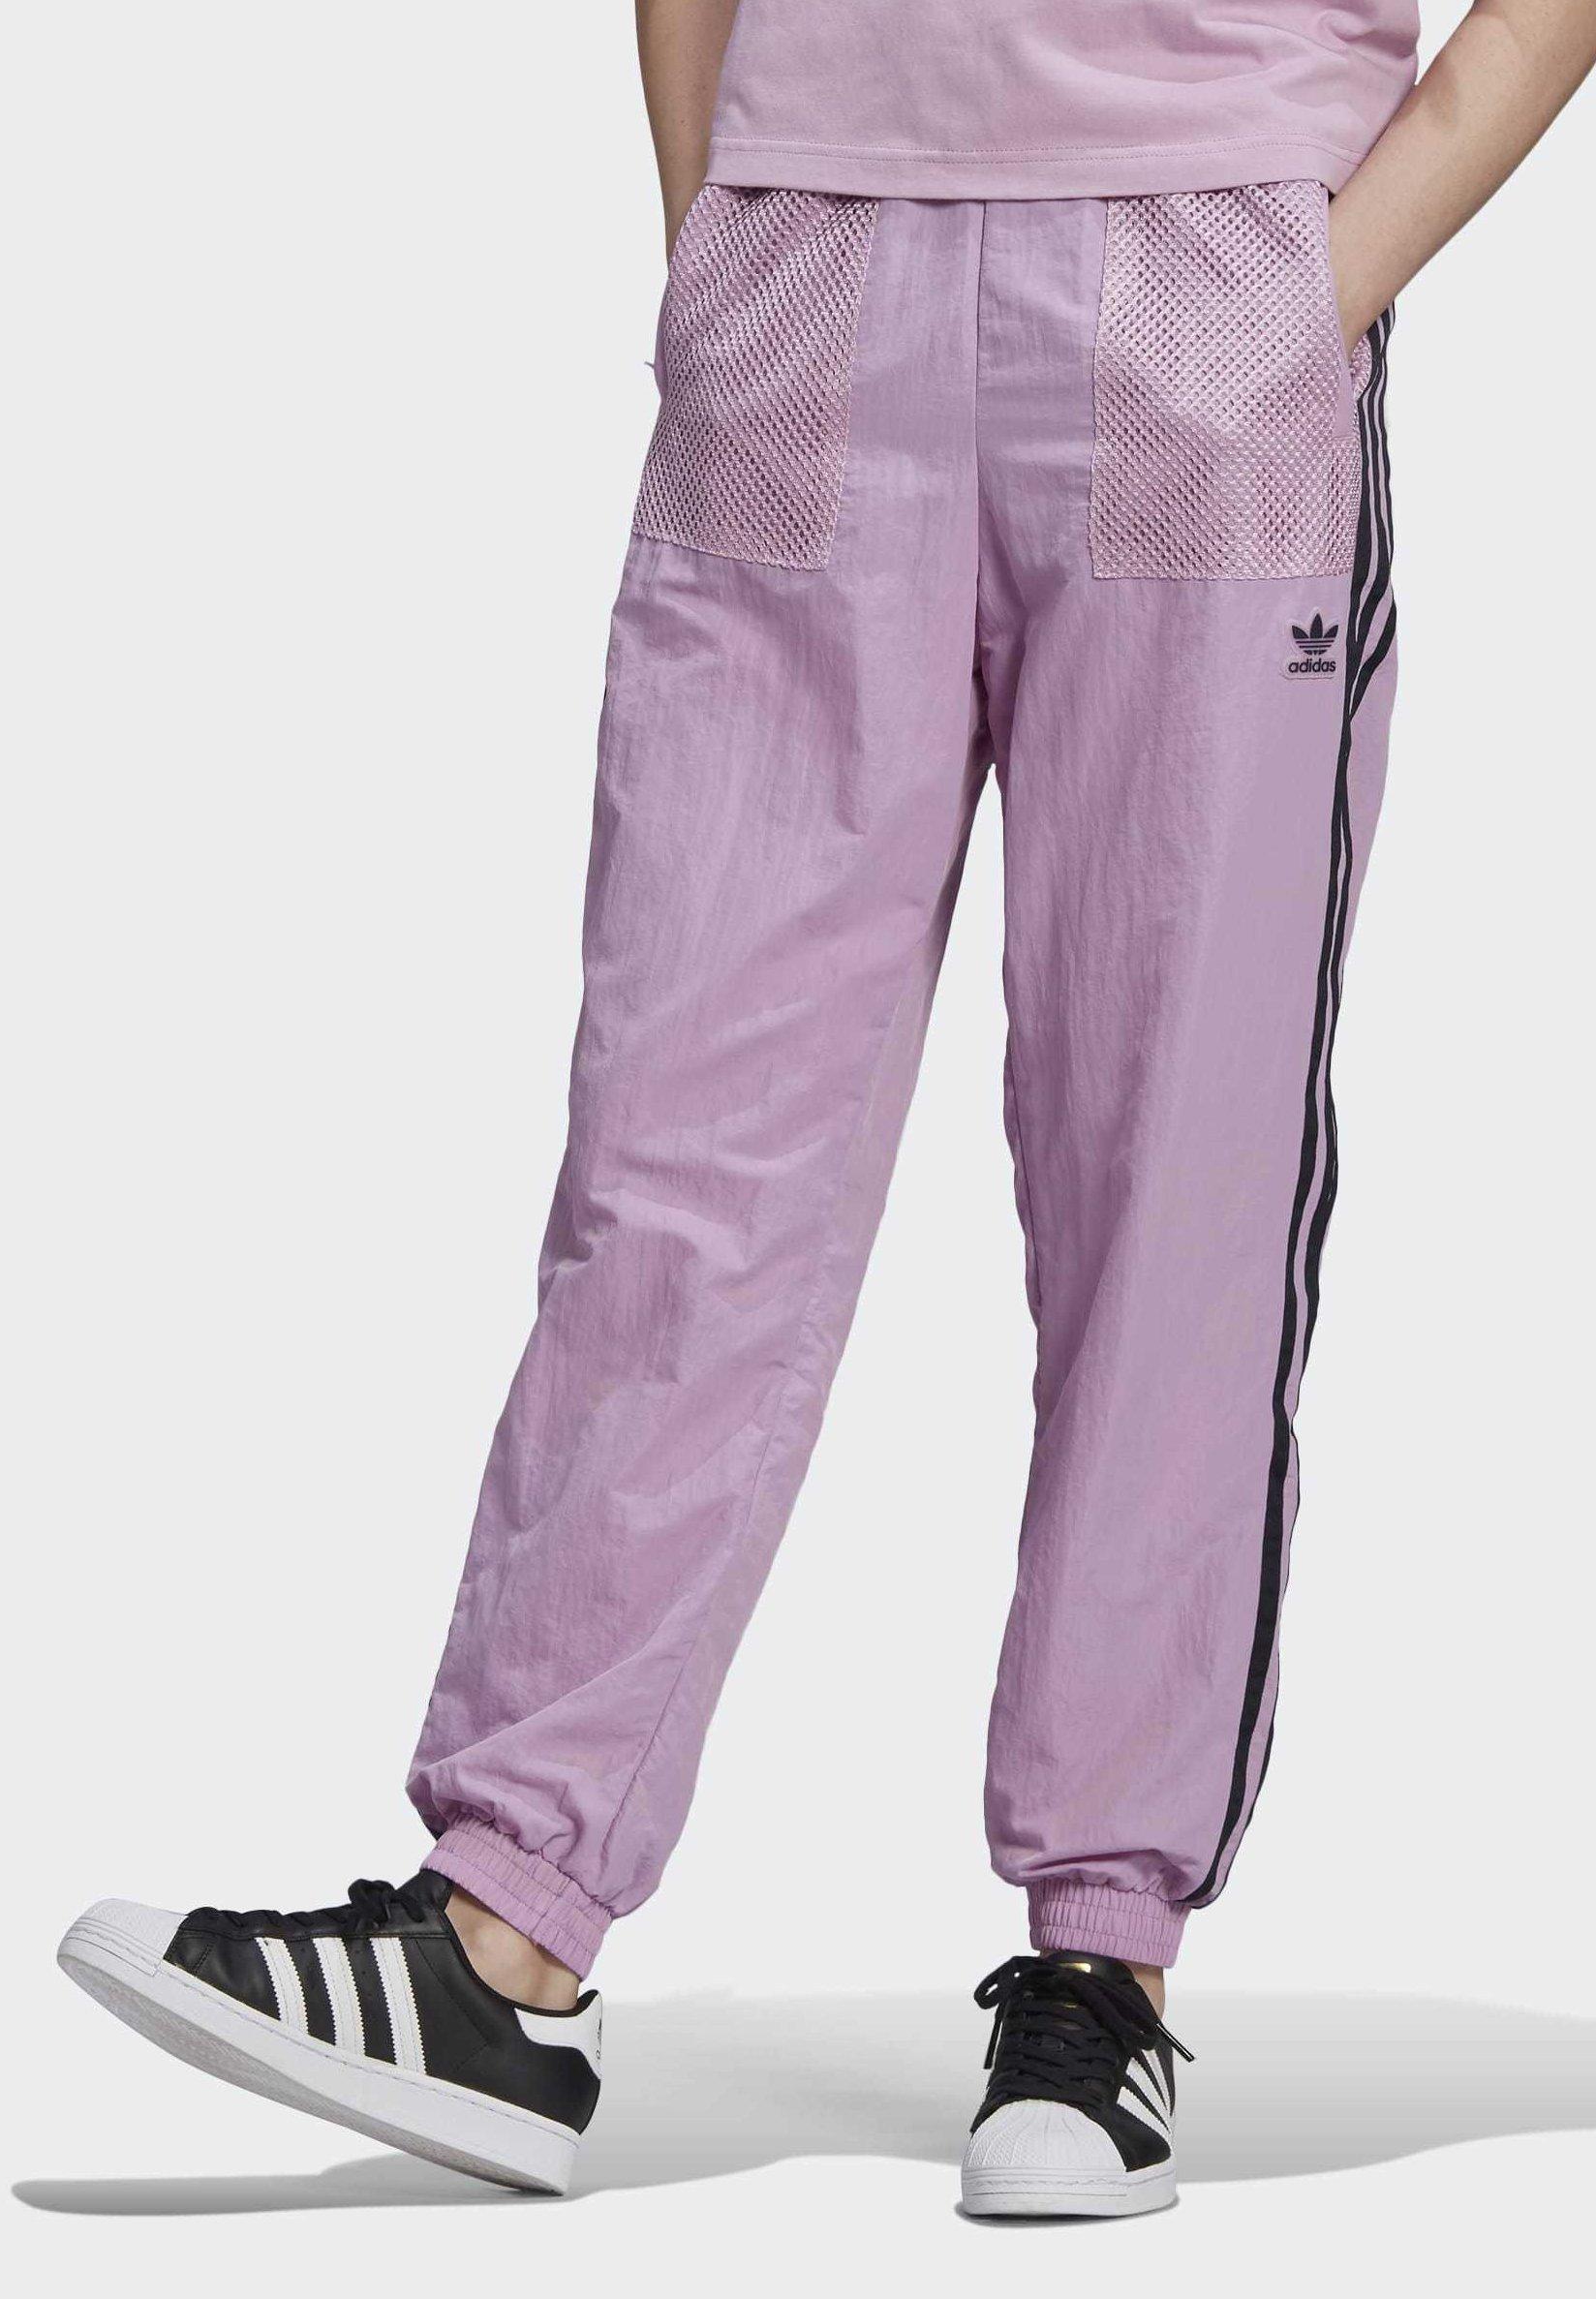 Kjøp lilla Joggebukser til jente på nett | FASHIOLA.no